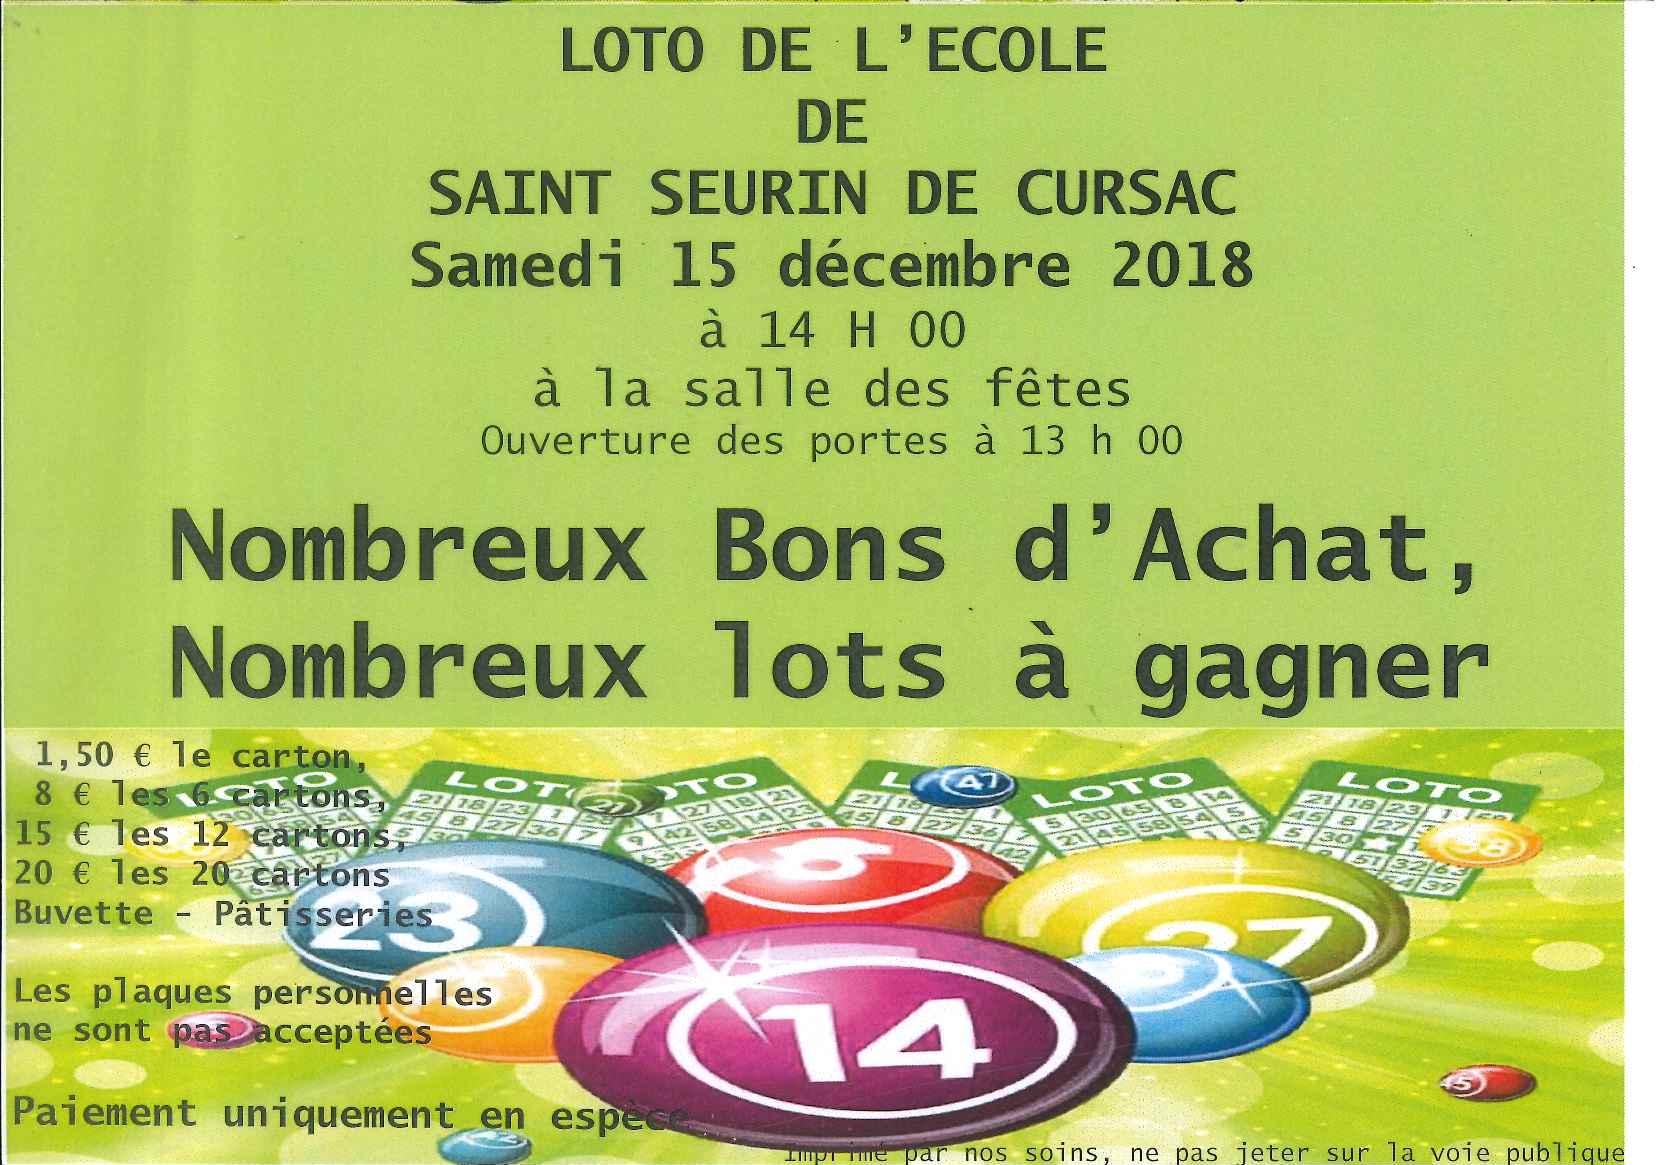 Loto de l\'école samedi 15 décembre 2018 à 14 h